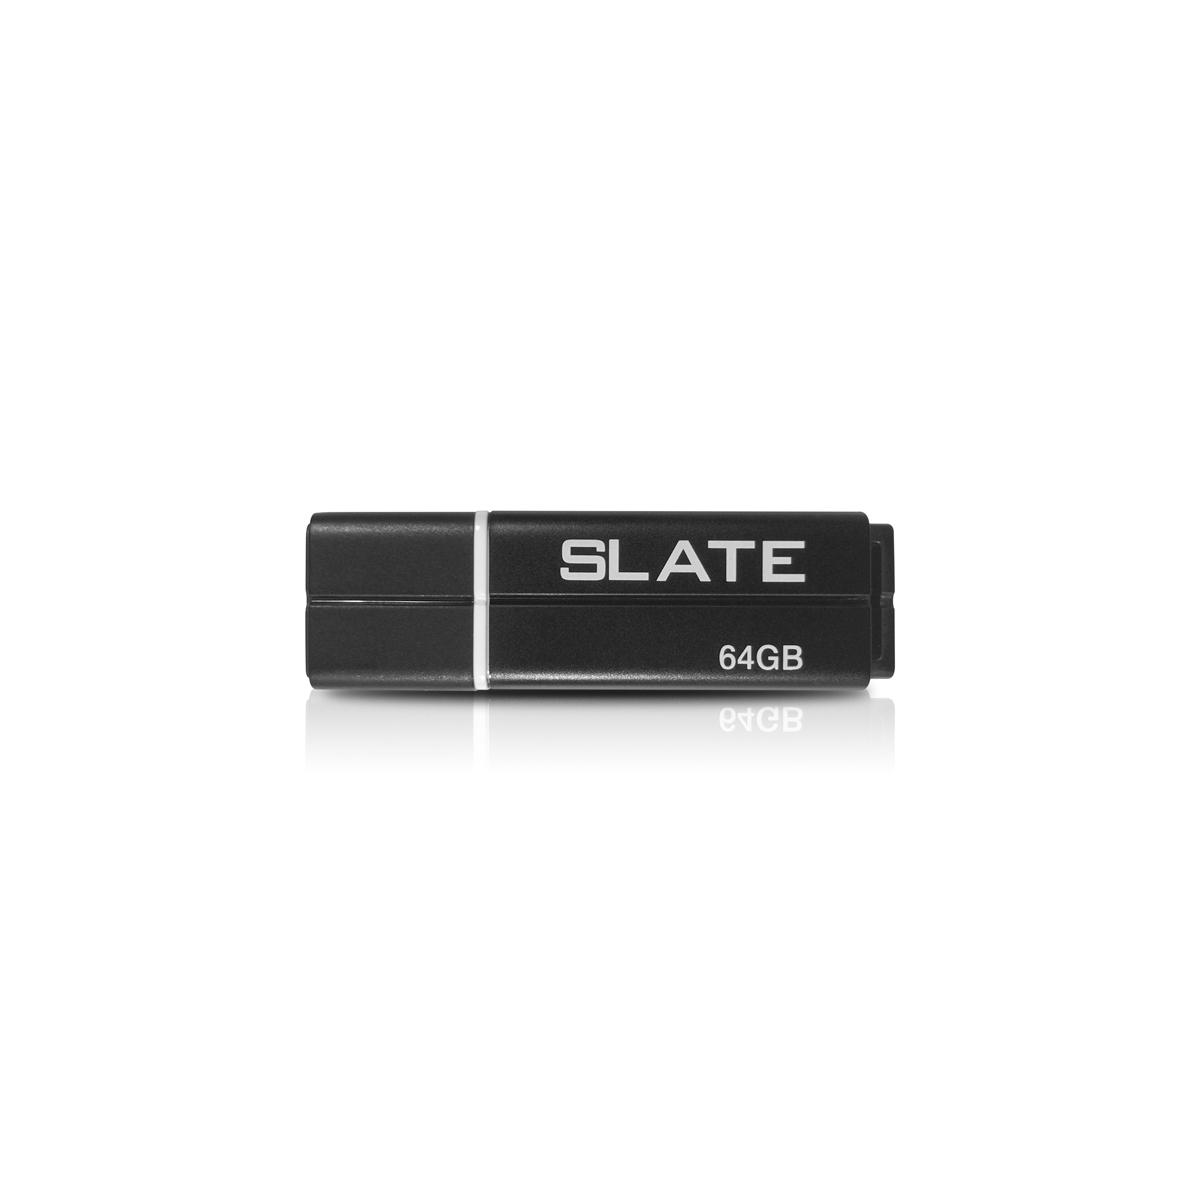 Flash disk Patriot Slate 64GB USB 3.0 Black